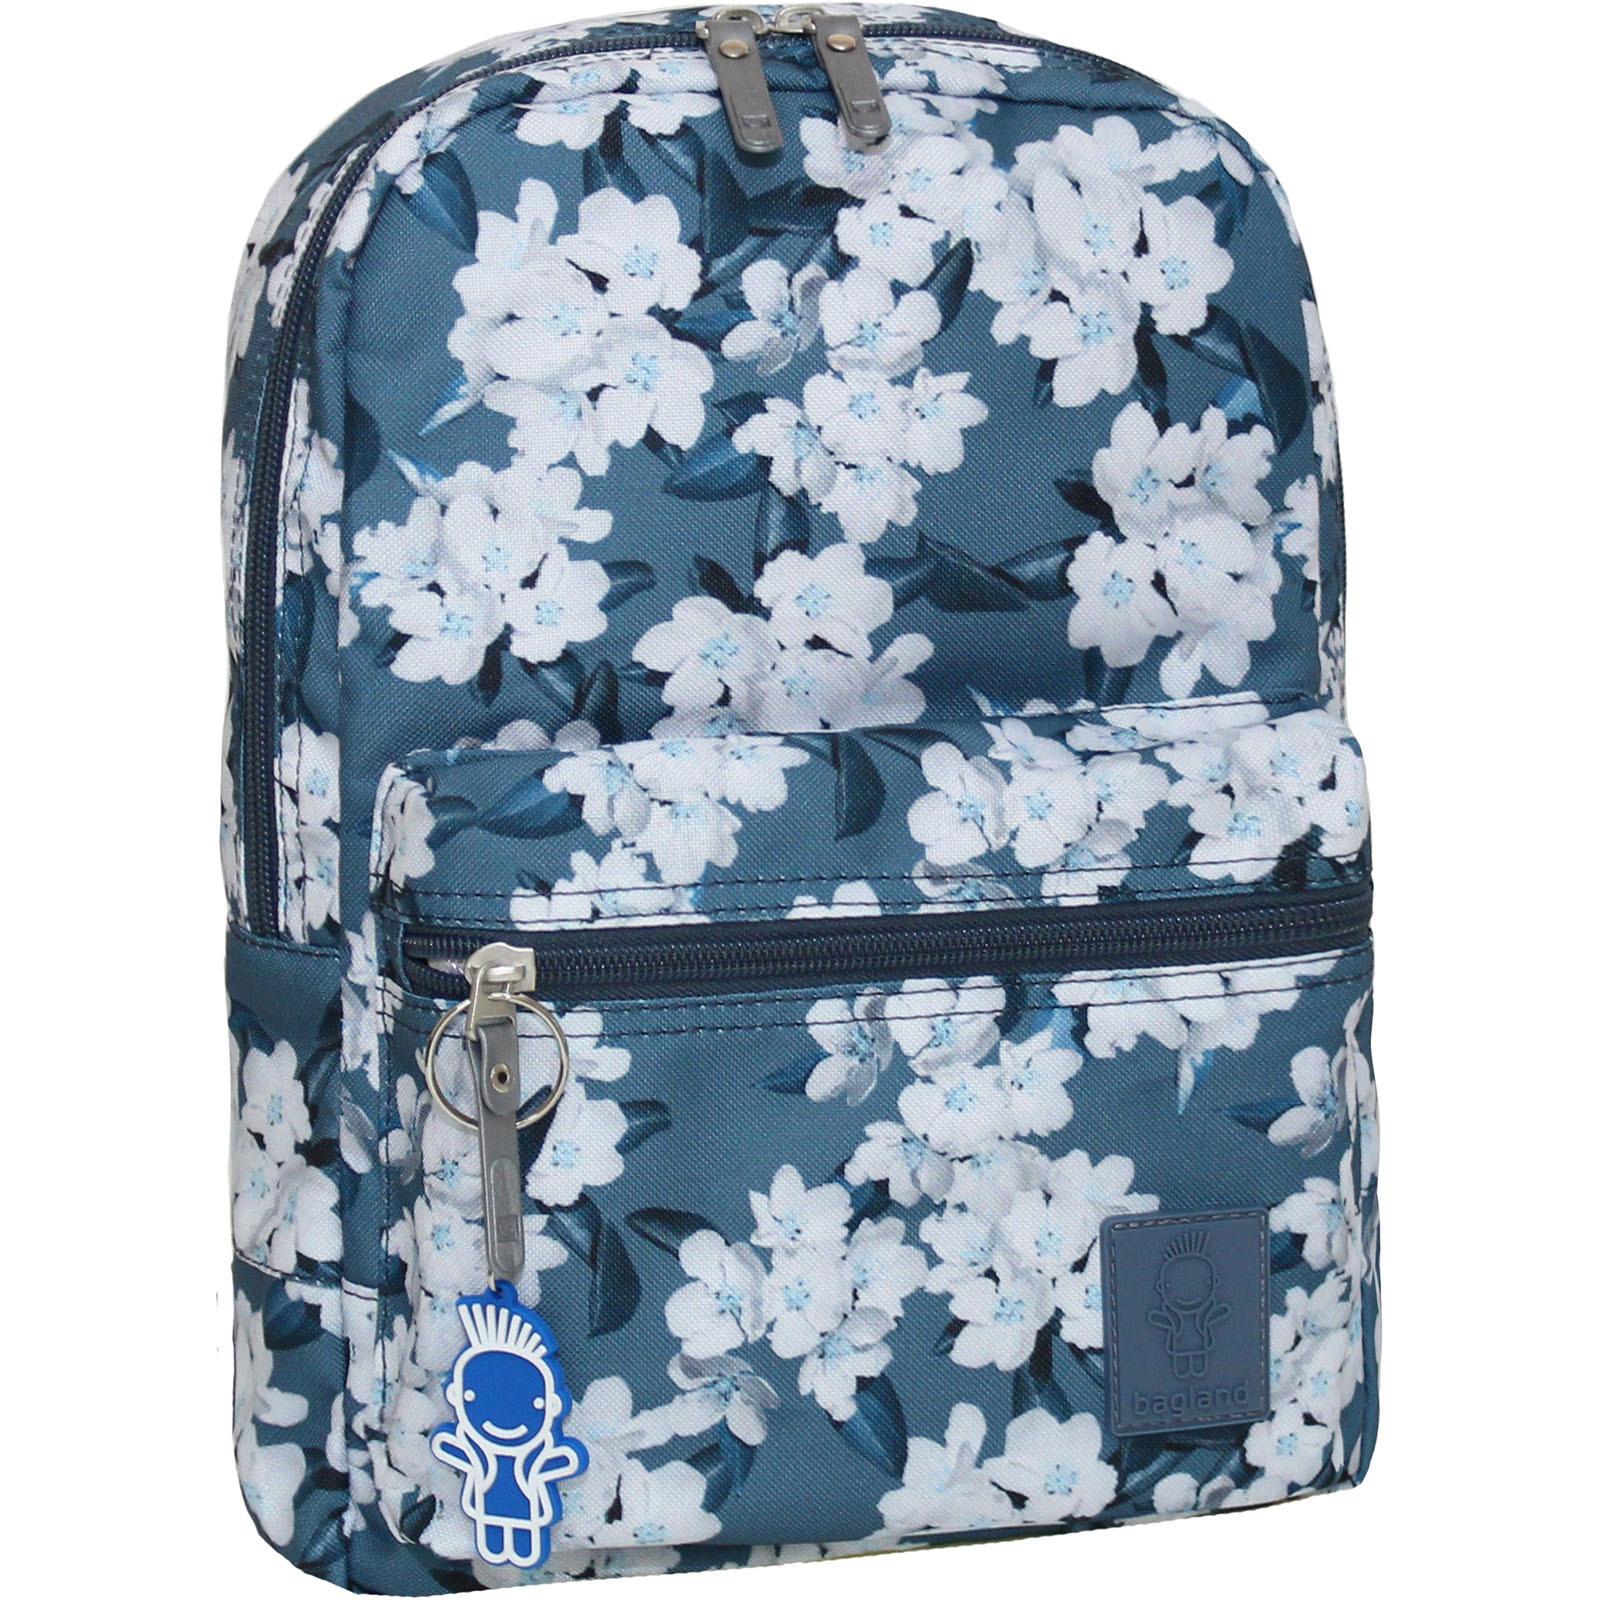 Детские рюкзаки Рюкзак Bagland Молодежный mini 8 л. сублимация 161 (00508664) IMG_9434.JPG